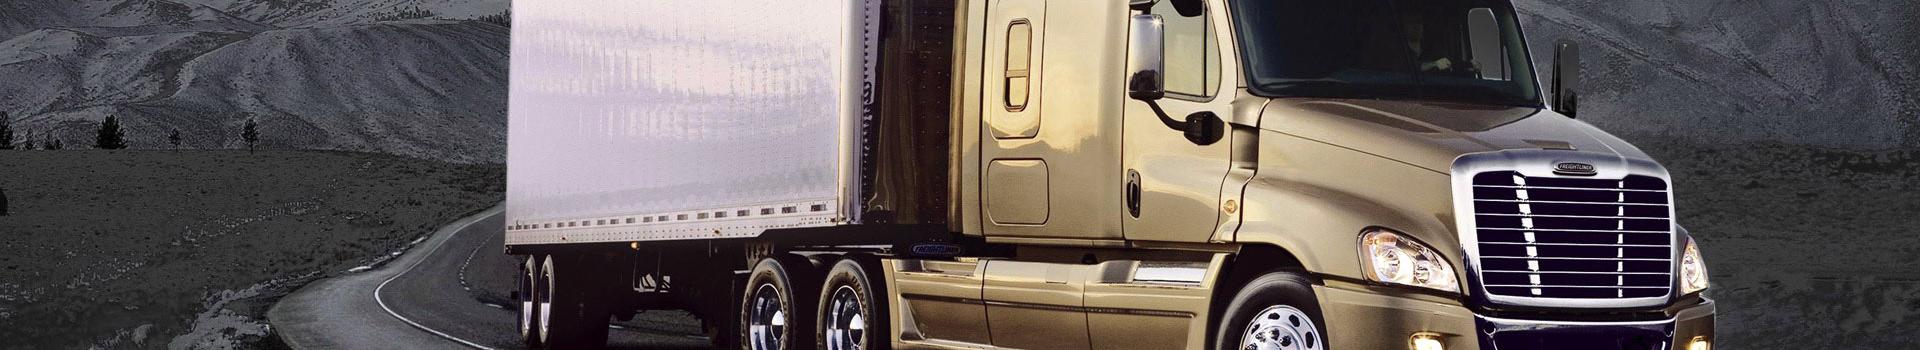 truck_long